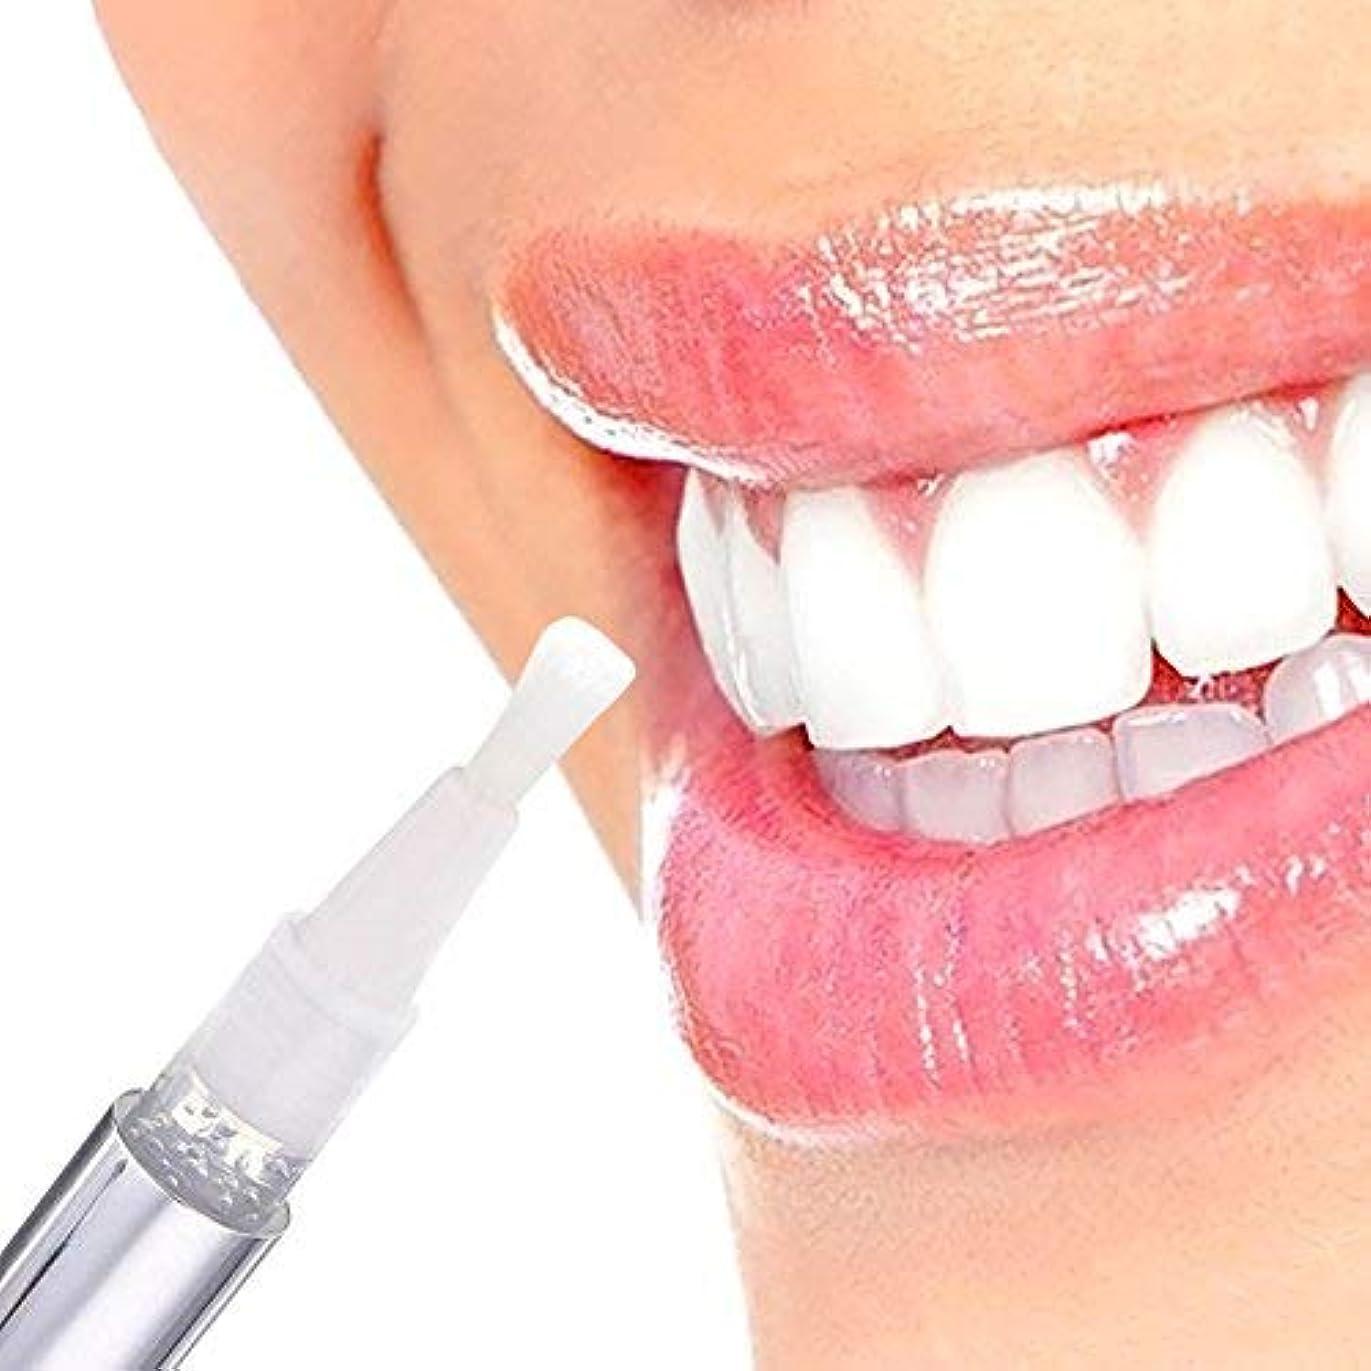 作詞家他の日クリスマスNat 1PCS Hot Creative Effective Teeth Whitening Pen Tooth Gel Whitener Bleach Stain Eraser Sexy Celebrity Smile...